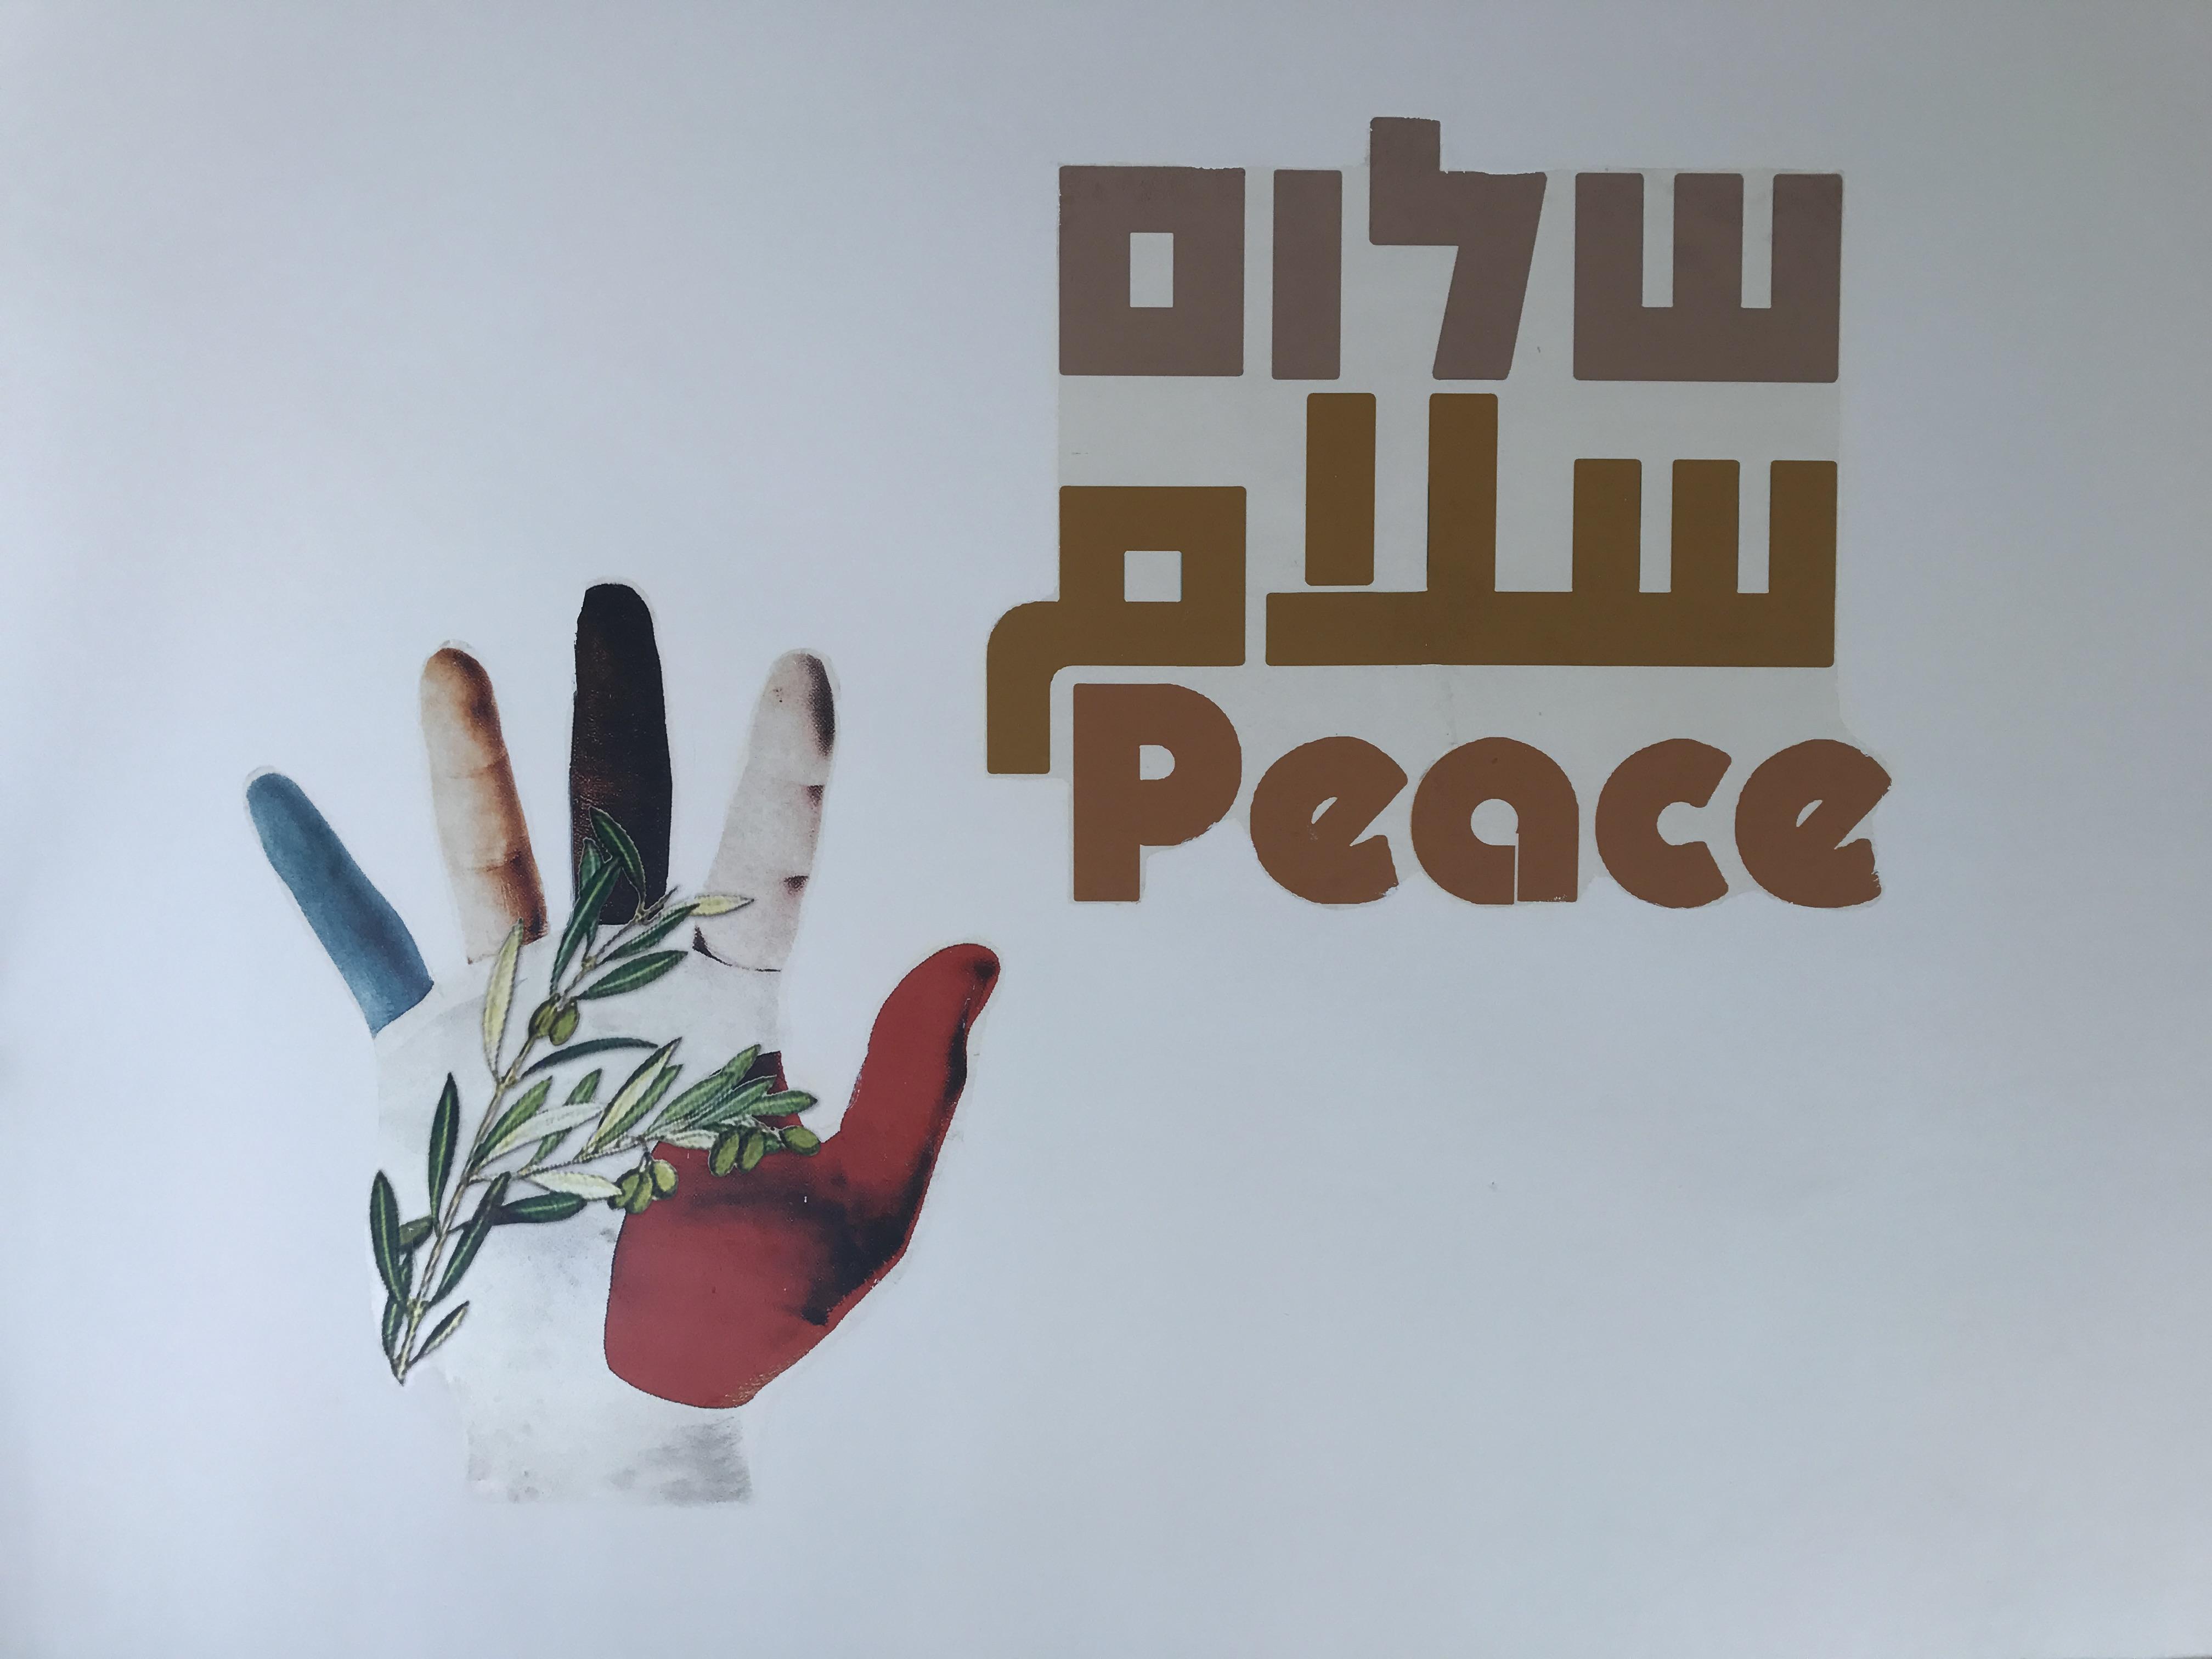 Monikulttuurisessa oppimisympäristössä korostuu rauhan merkitys ja kasvatus. Kuva: Anna Puustinen